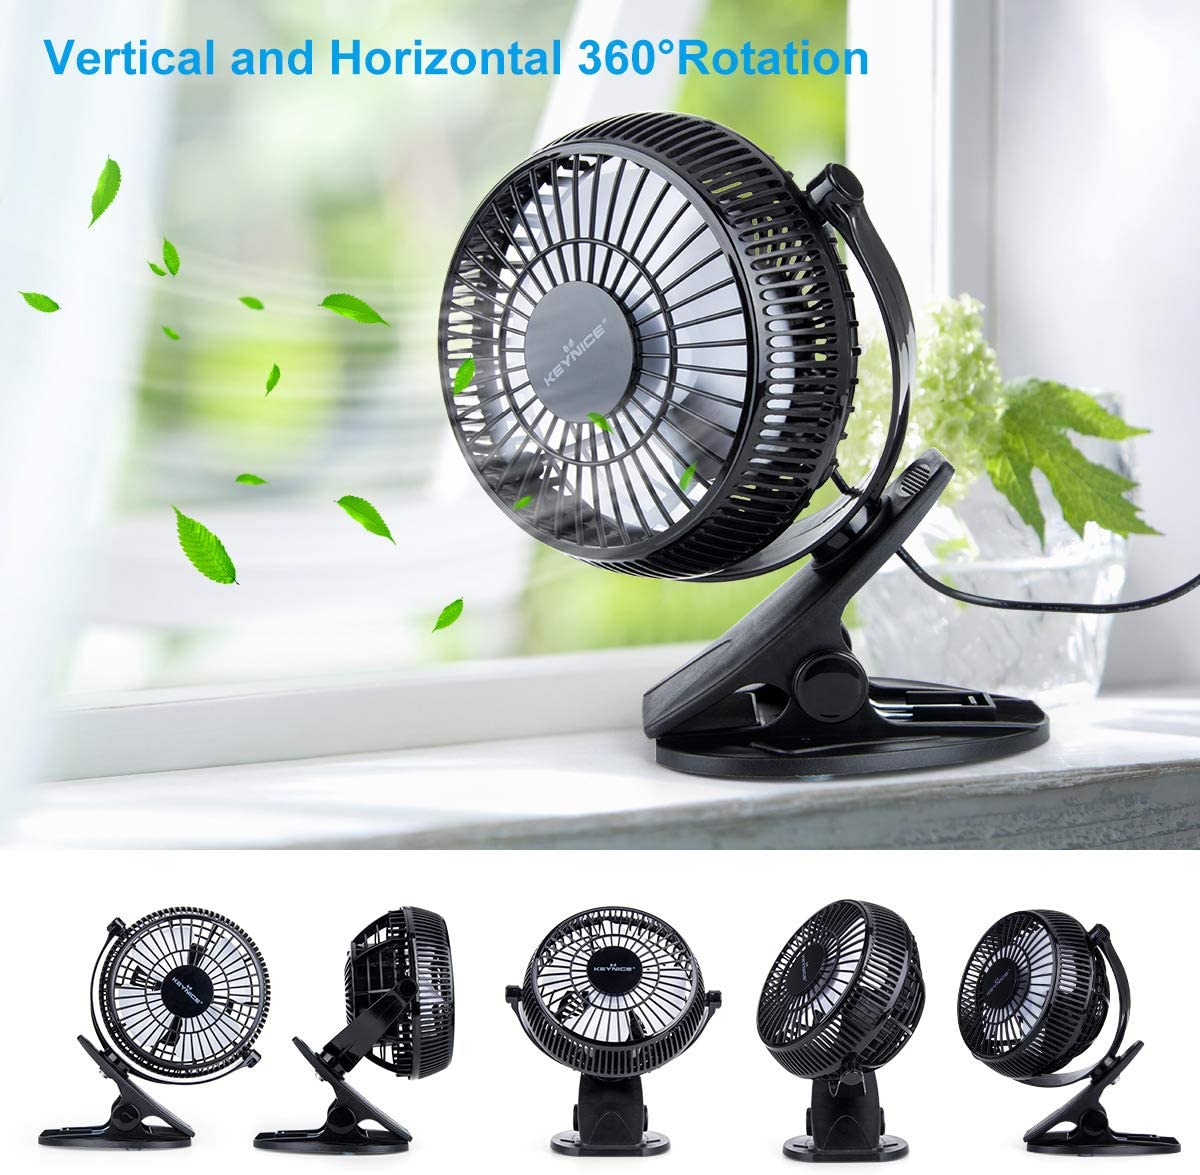 KEYNICE USB Desk Fan, 4 Inch Table Fans, Mini Clip on Fan, Portable Cooling Fan with 2 Speed, USB Powered Stroller Fan, 360° Rotate USB Fan, Personal Quiet Electric Fan for Home Office Camping- Black